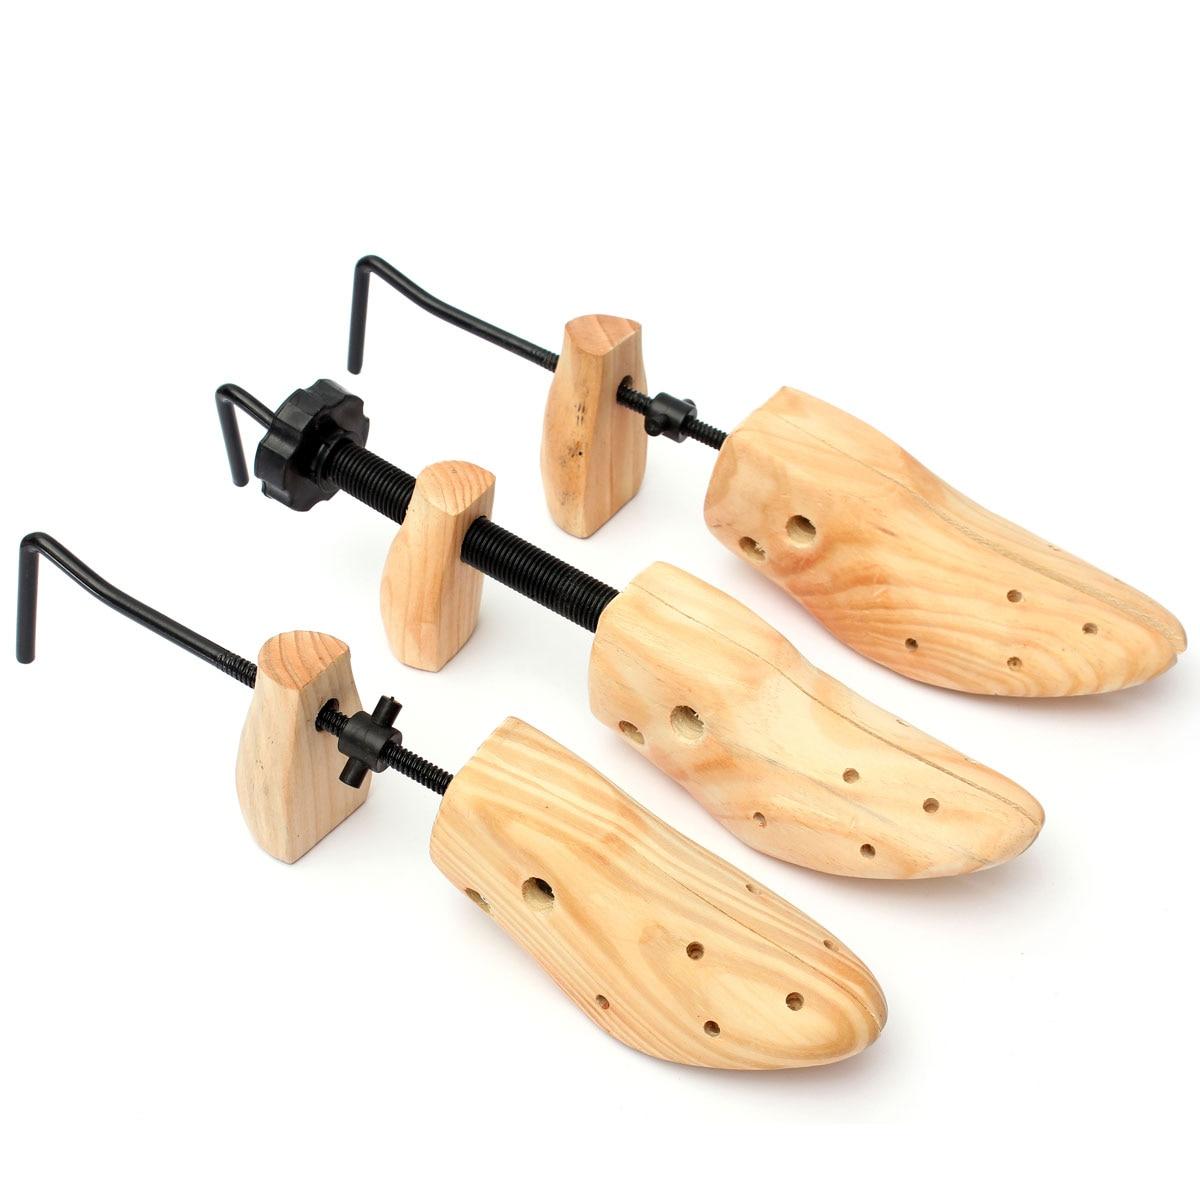 Унисекс 1 шт. обувь носилки деревянная обувь дерево формирователь стойки, деревянные регулируемые туфли-лодочки на плоской подошве сапоги эспандер деревья Размер/М/Л